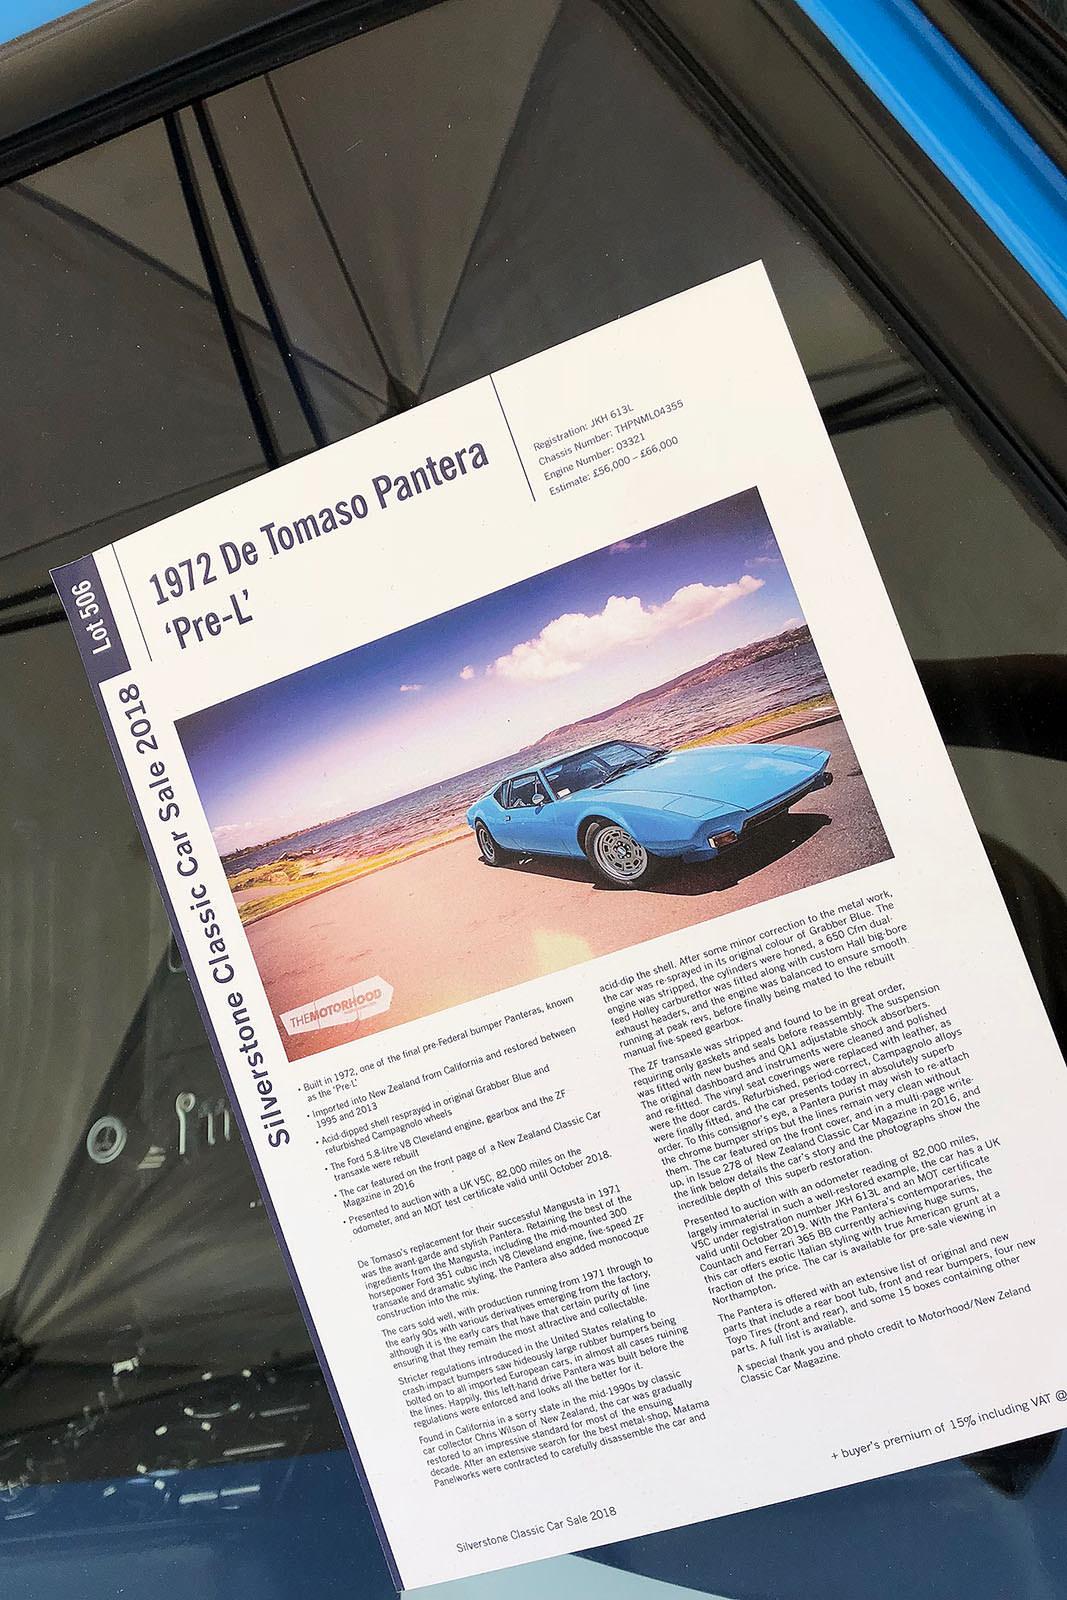 De Tomaso_Pantera_Grabber blue_pre-L_1972_Silverstone Classic Sale 2018_2 web.jpg